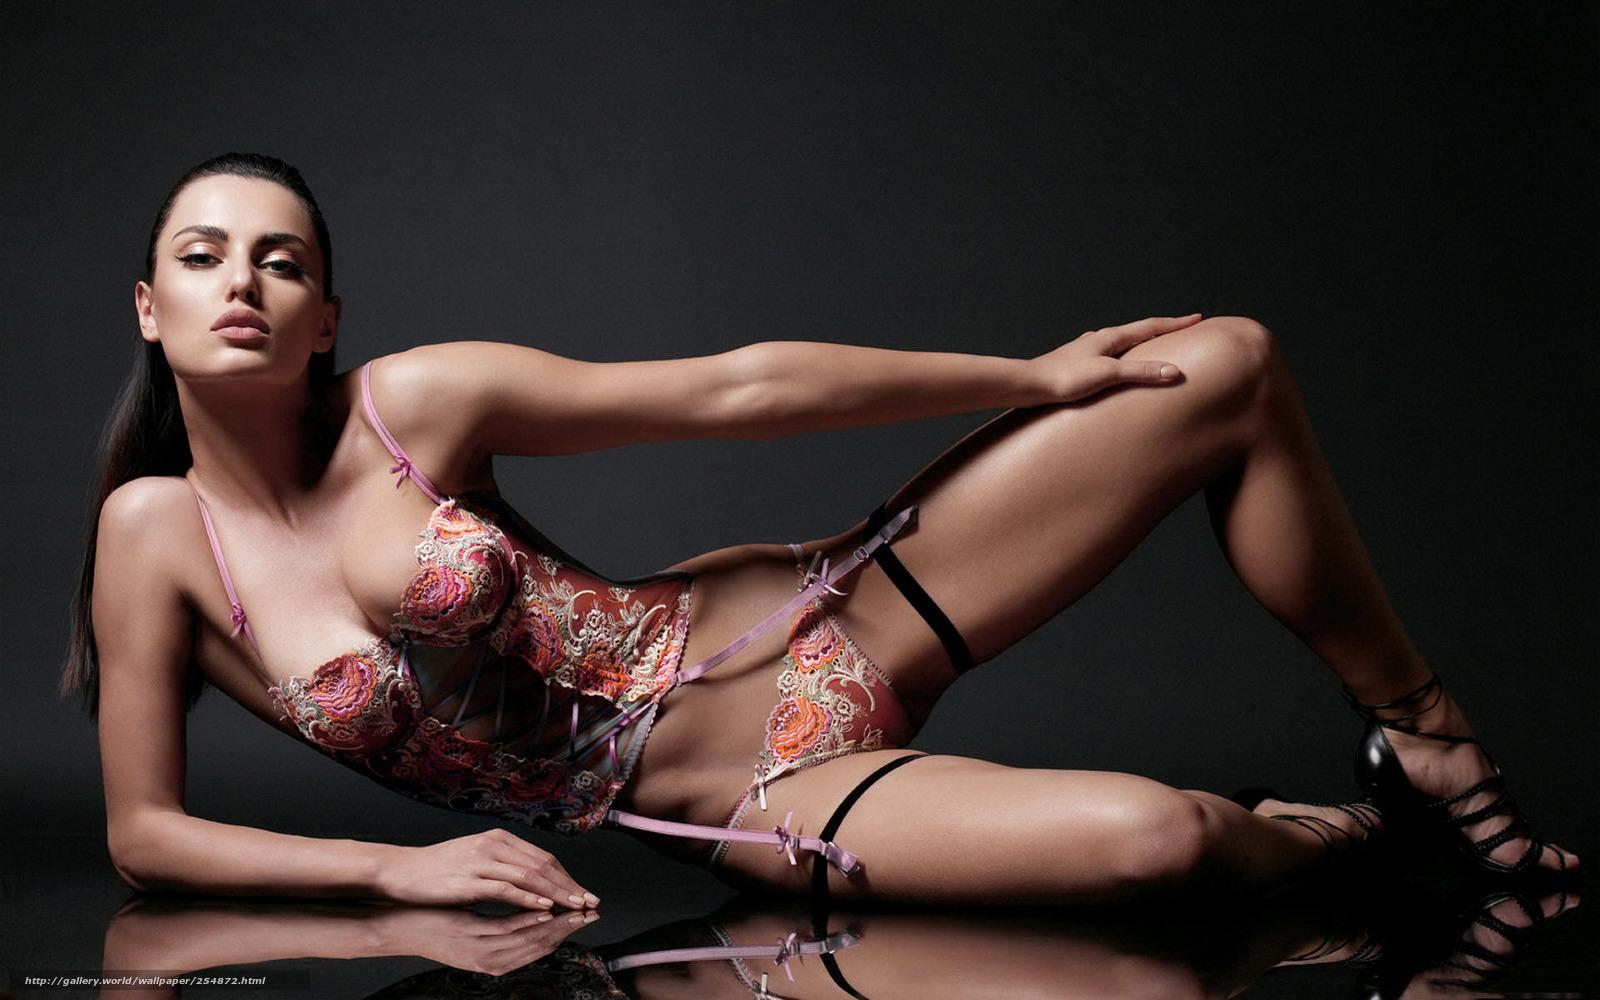 Самая красивая девушка секси 6 фотография